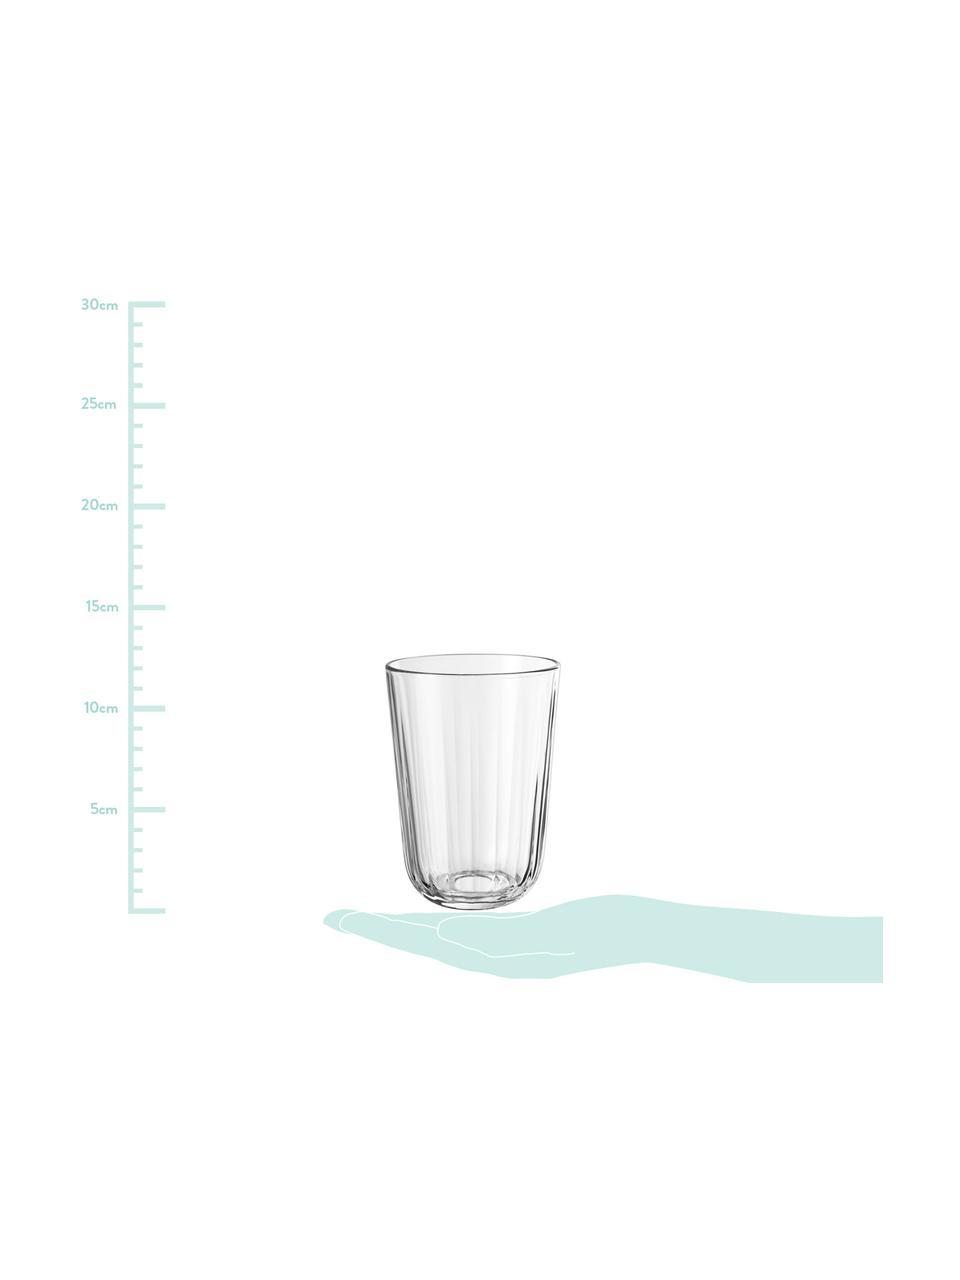 Thermogläser Facette aus gehärtetem Glas, 4er-Set, Glas, Transparent, 340 ml